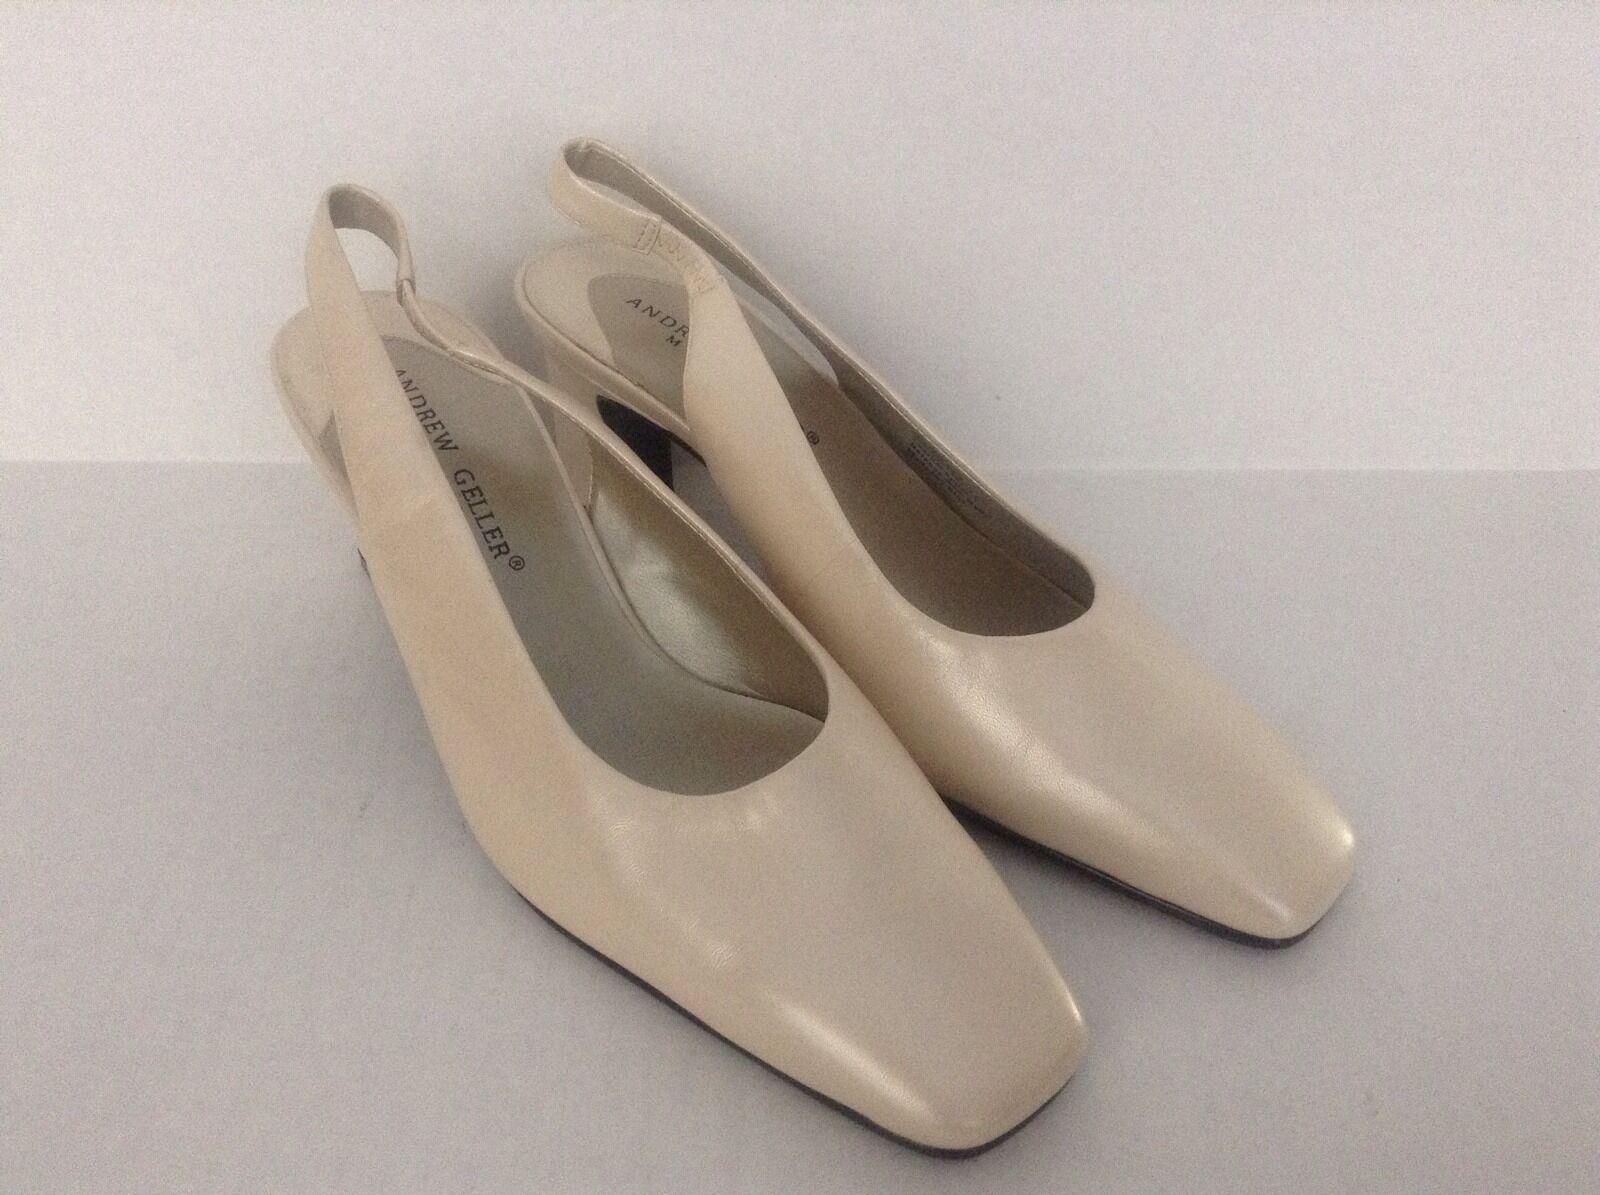 Women's Andrew Geller Leather Pearl White Med. Heel Slingback Dress Shoes 8M